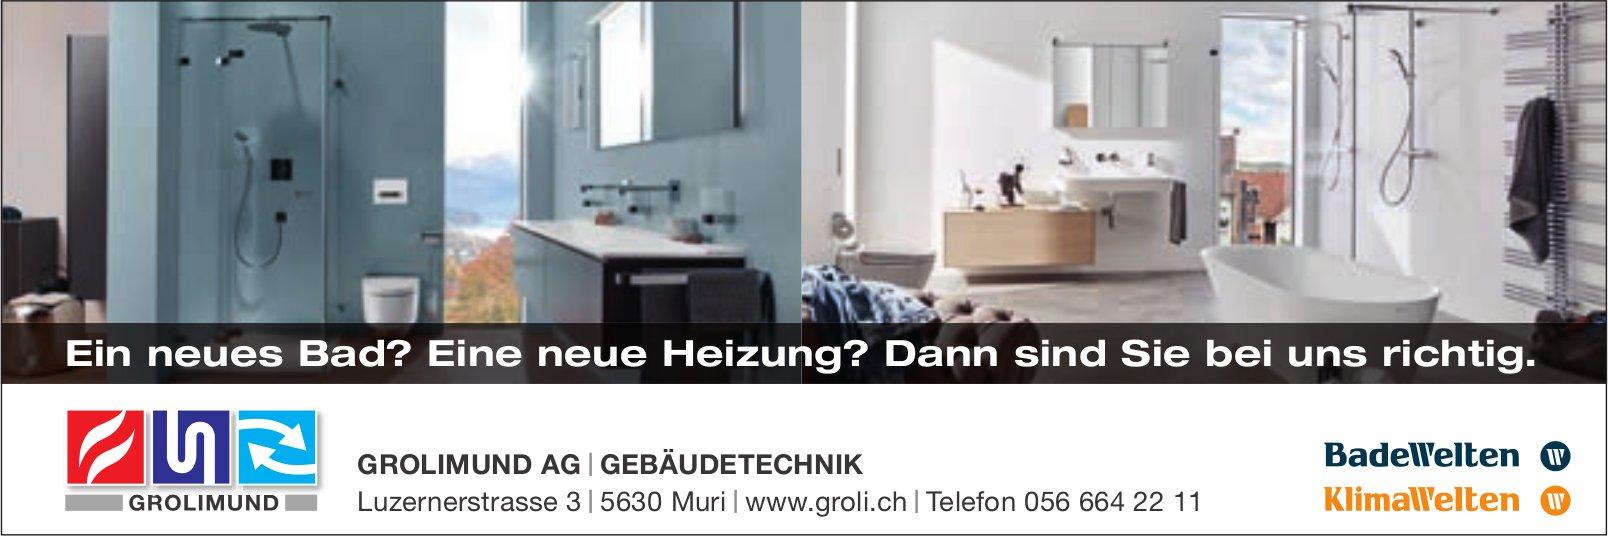 Grolimund AG, Gebäudetechnik, Muri - Ein neues Bad? Eine neue Heizung? Dann sind Sie bei uns richtig.